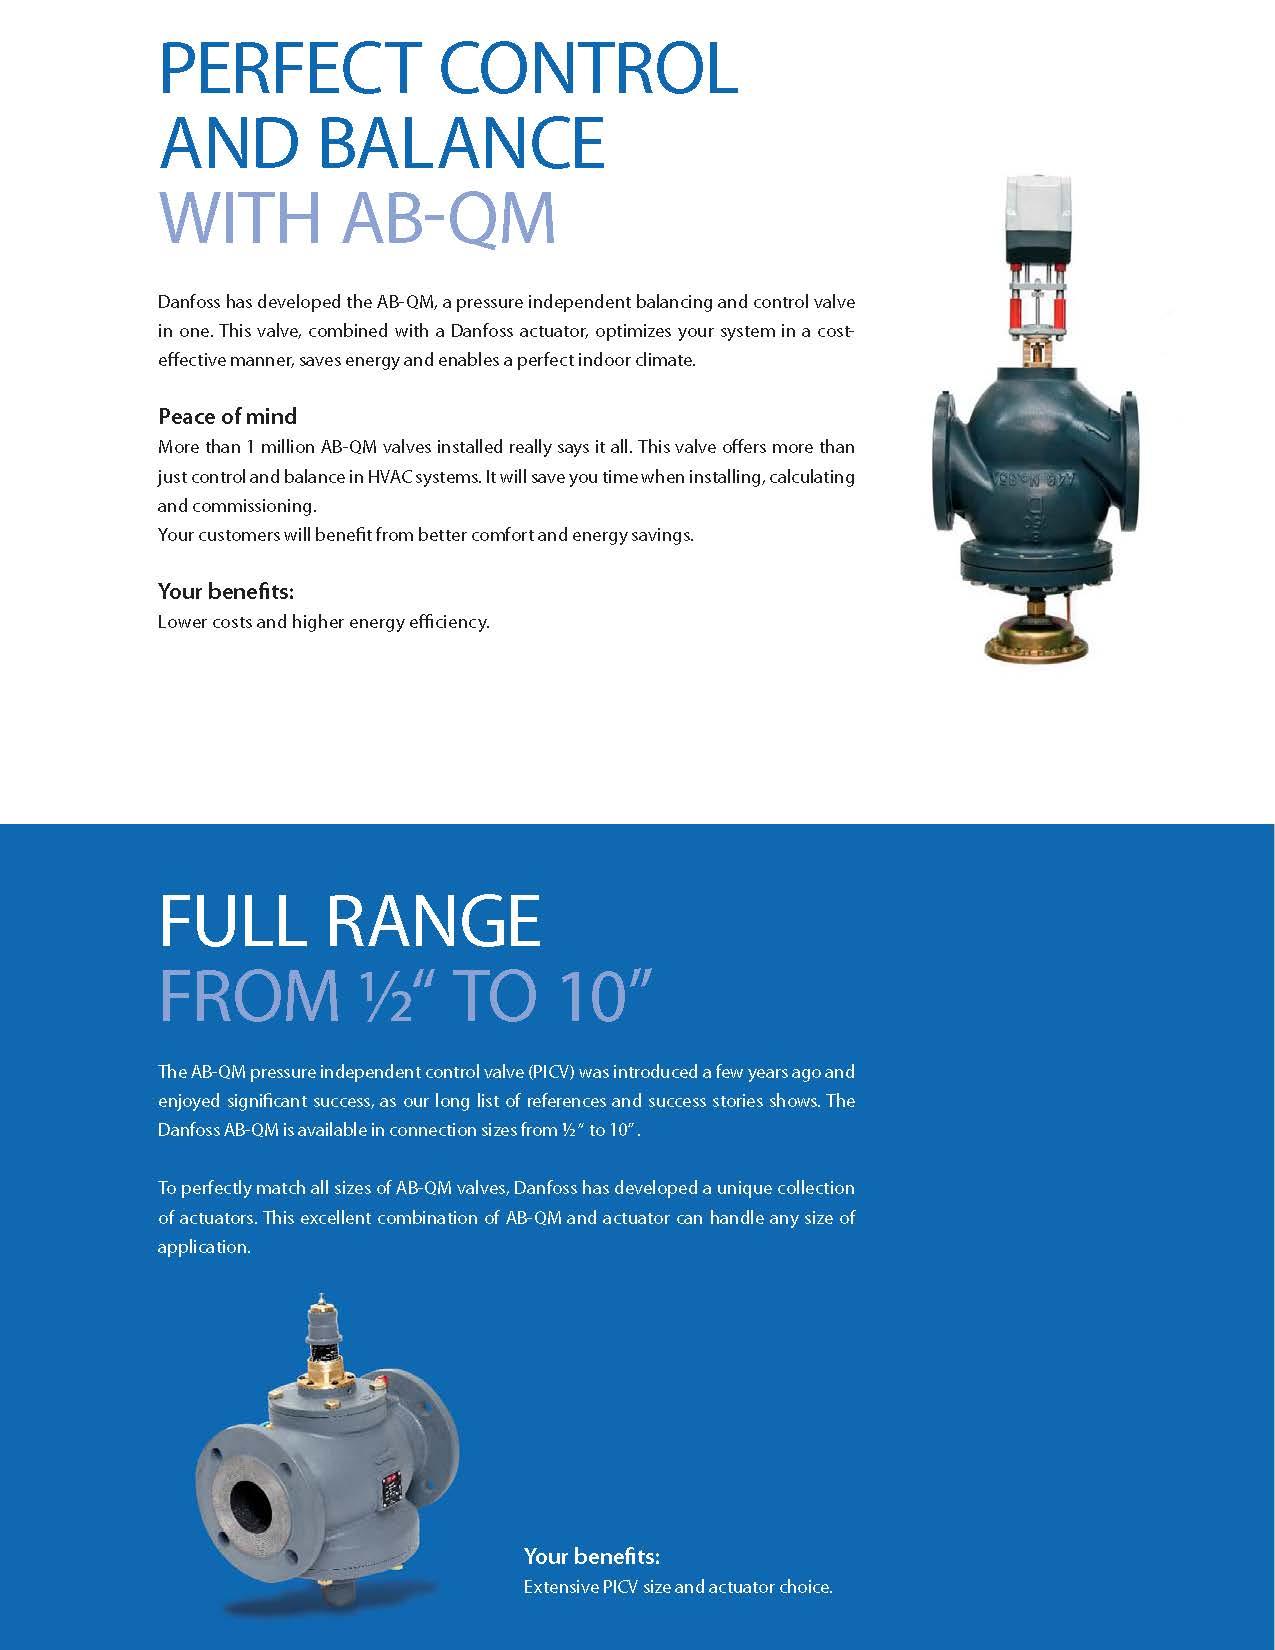 AB-QM Brochure - VRA7A122 - 6-12_Page_4.jpg